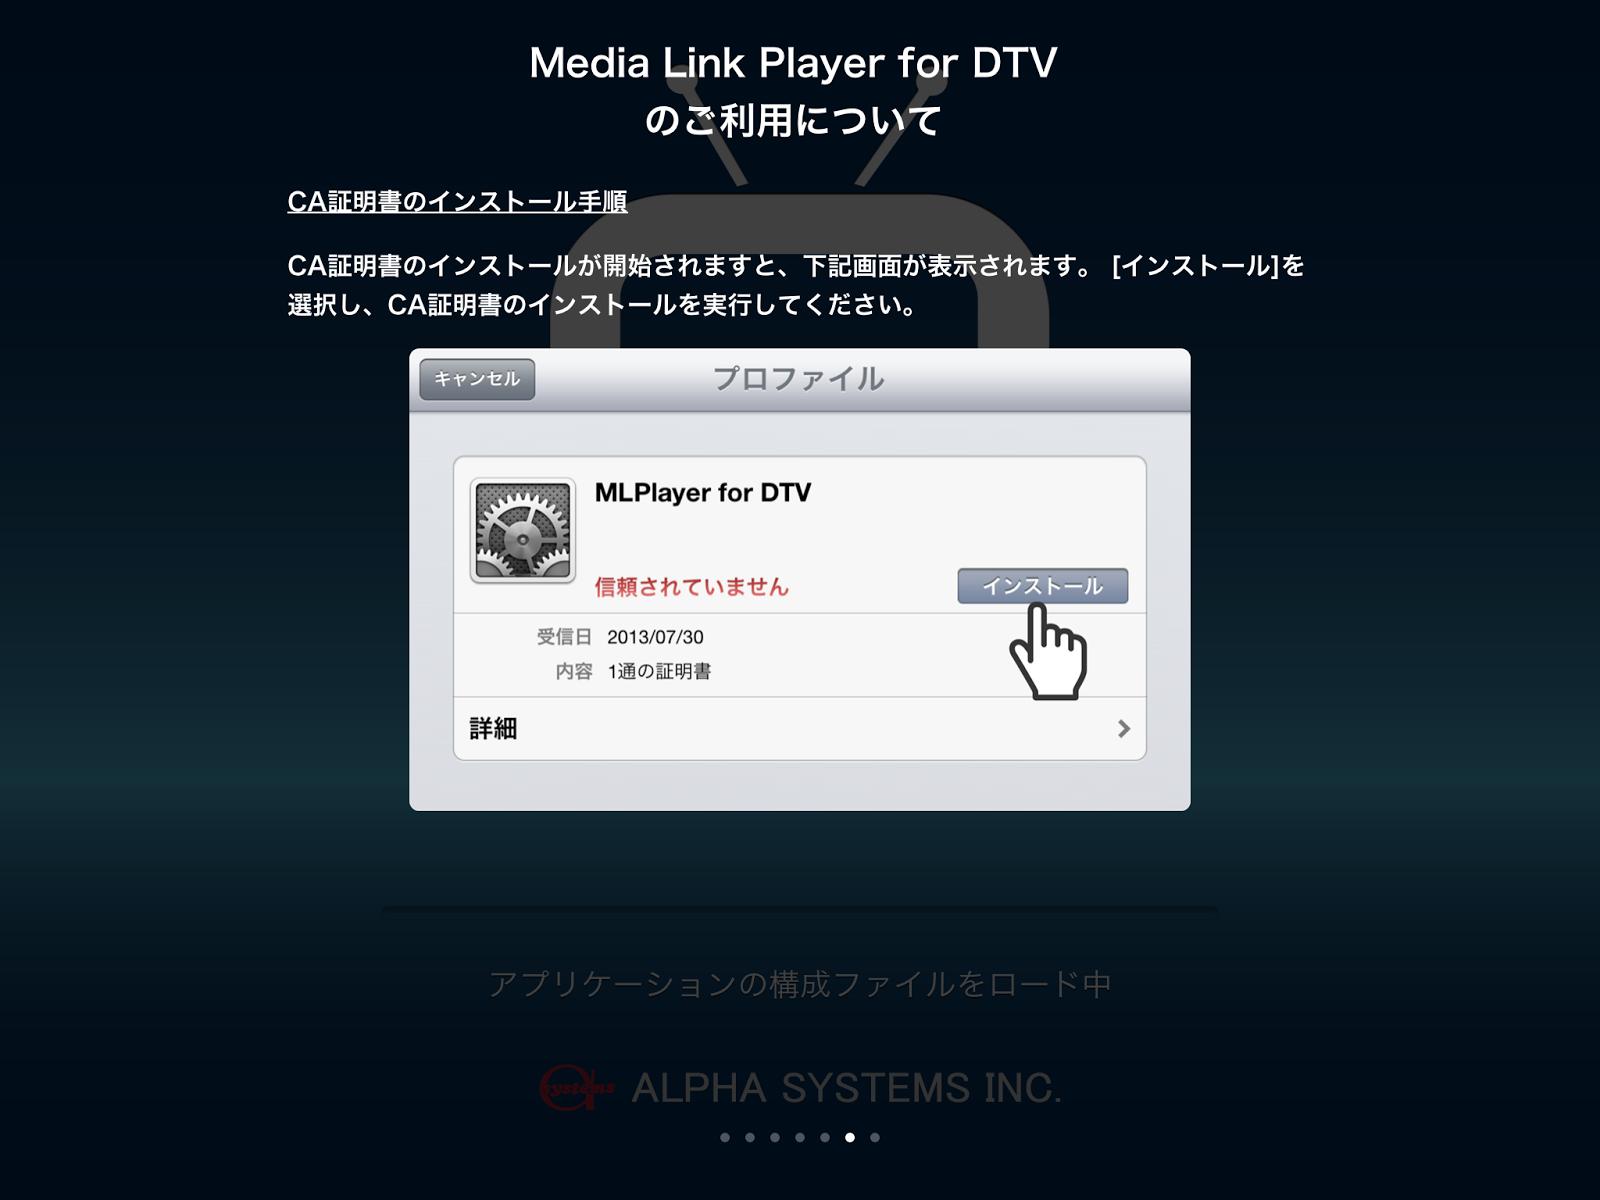 ぱわぶくの山岳警備隊(仮): 新顔DLNAプレイヤー:Media link Player for ...